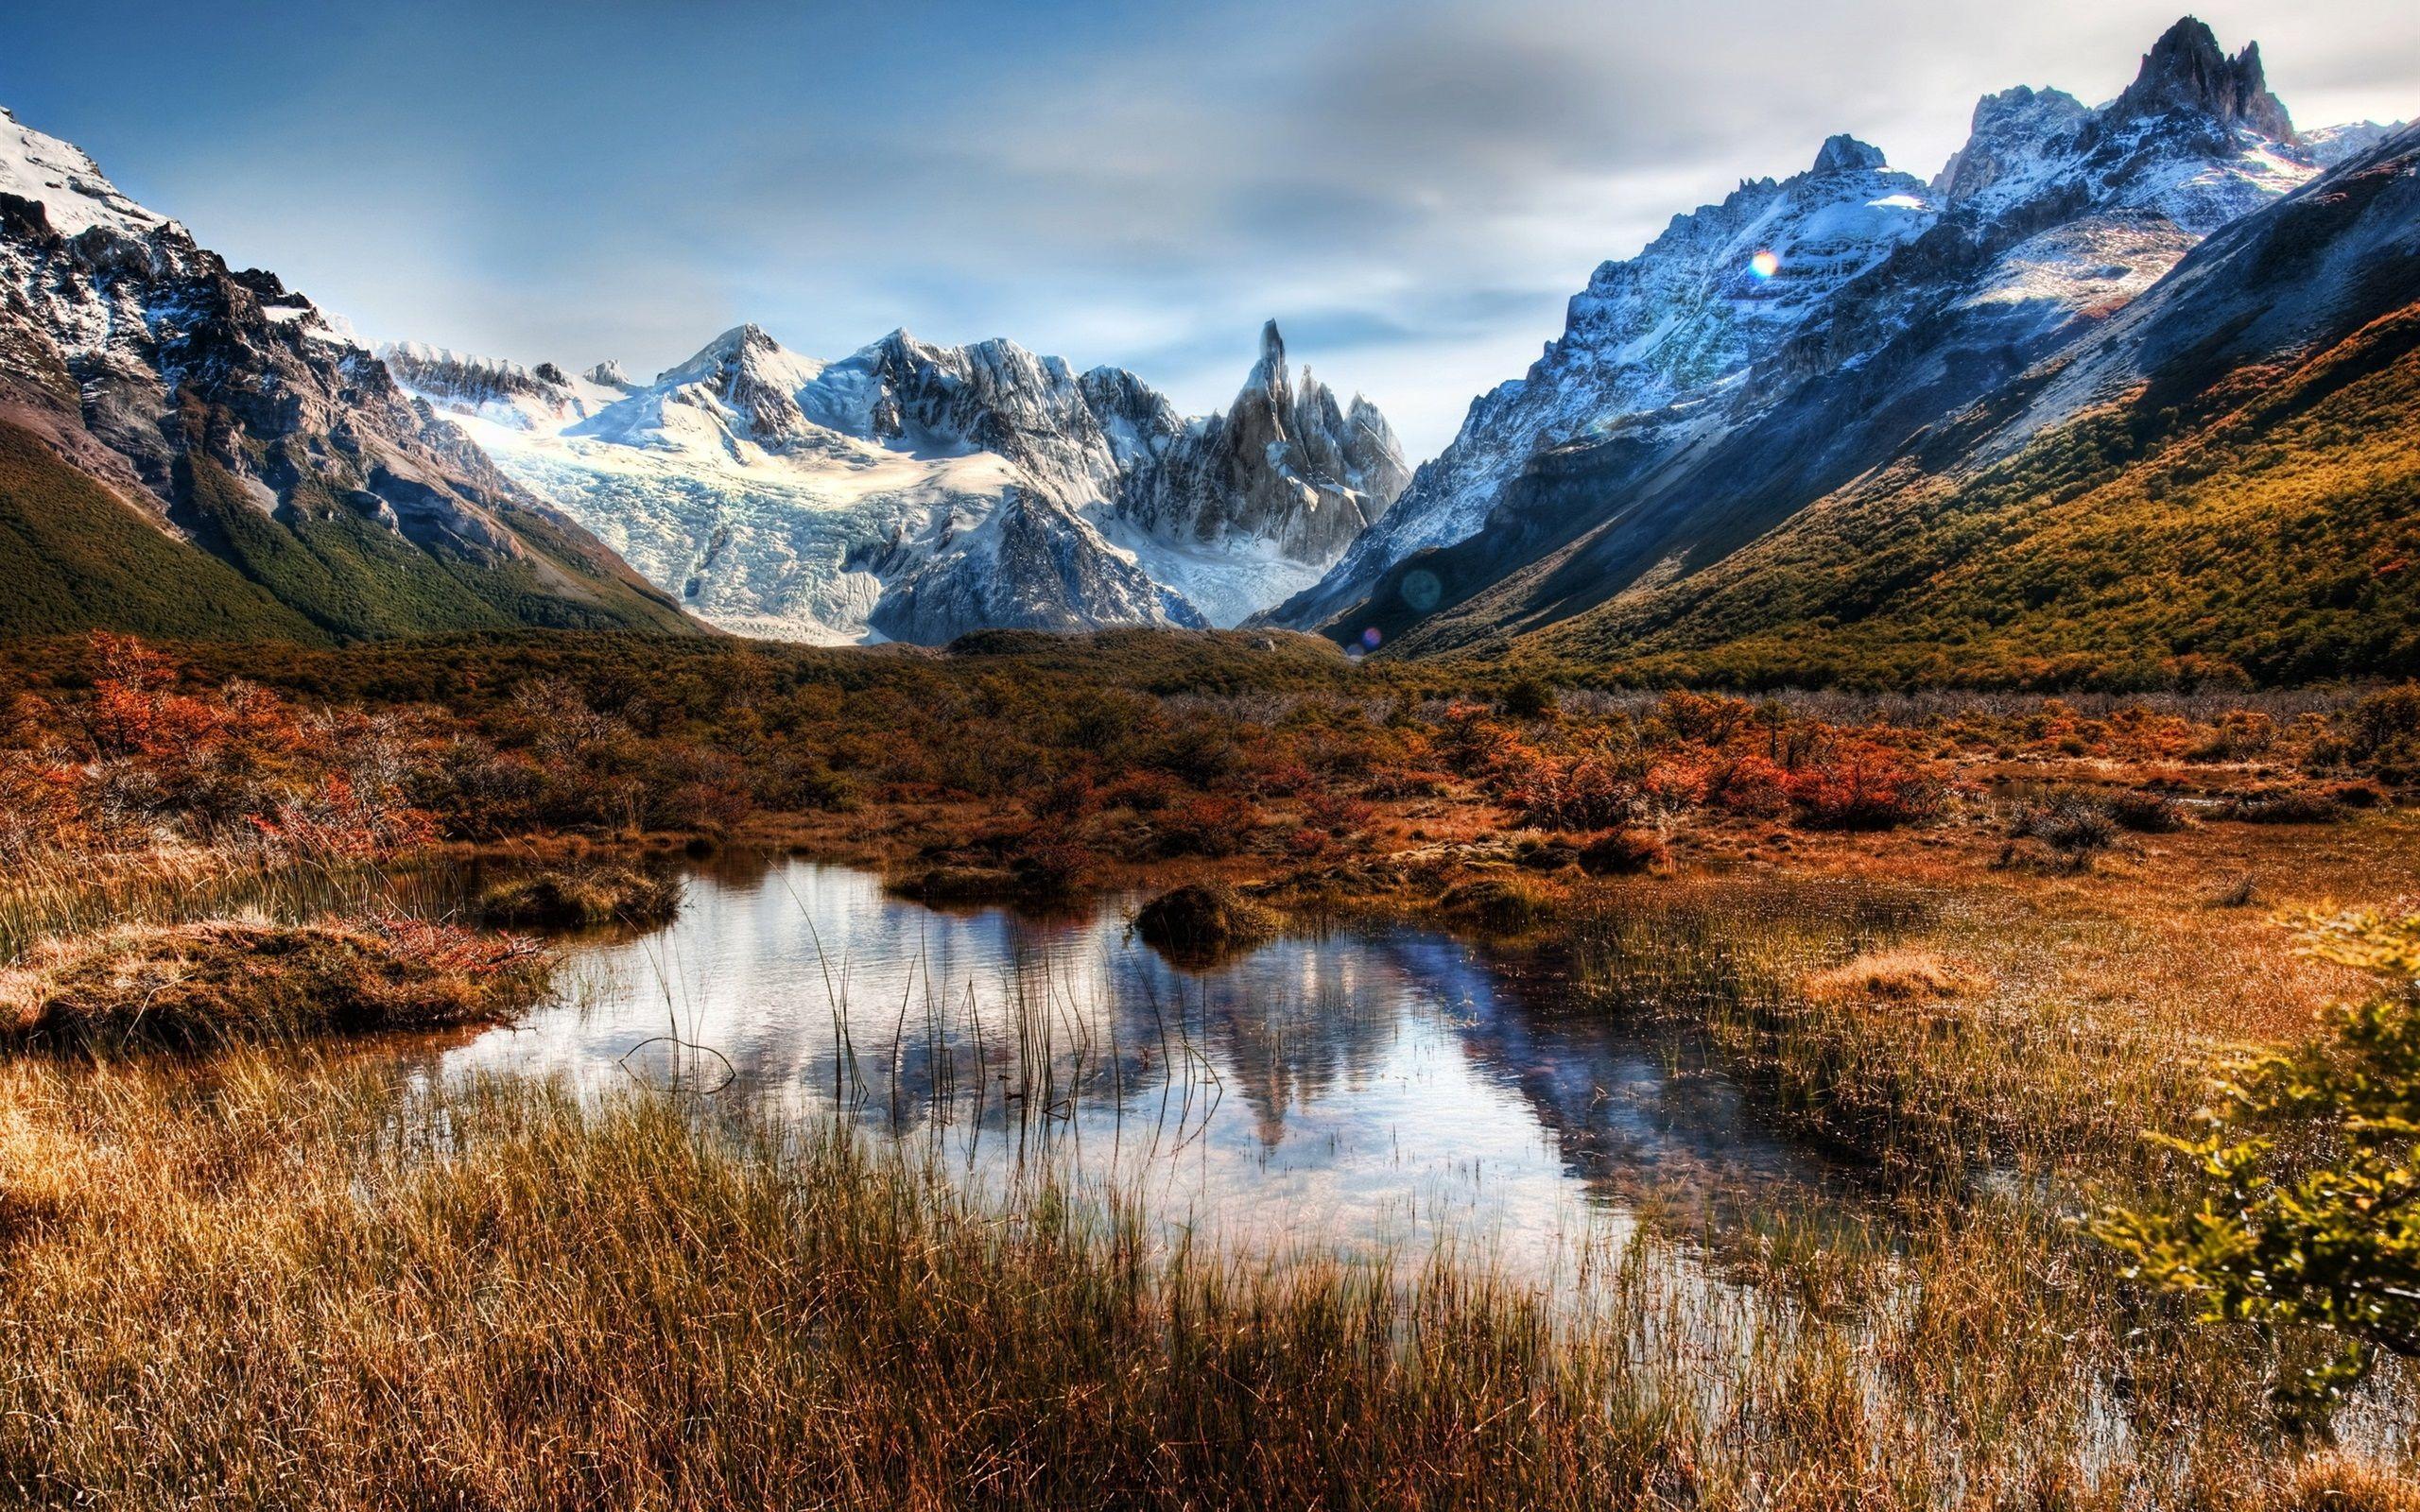 Montañas Nevadas En La Patagonia: Chile, Patagonia, Montañas, Rocas, Nieve, Agua Fondos De